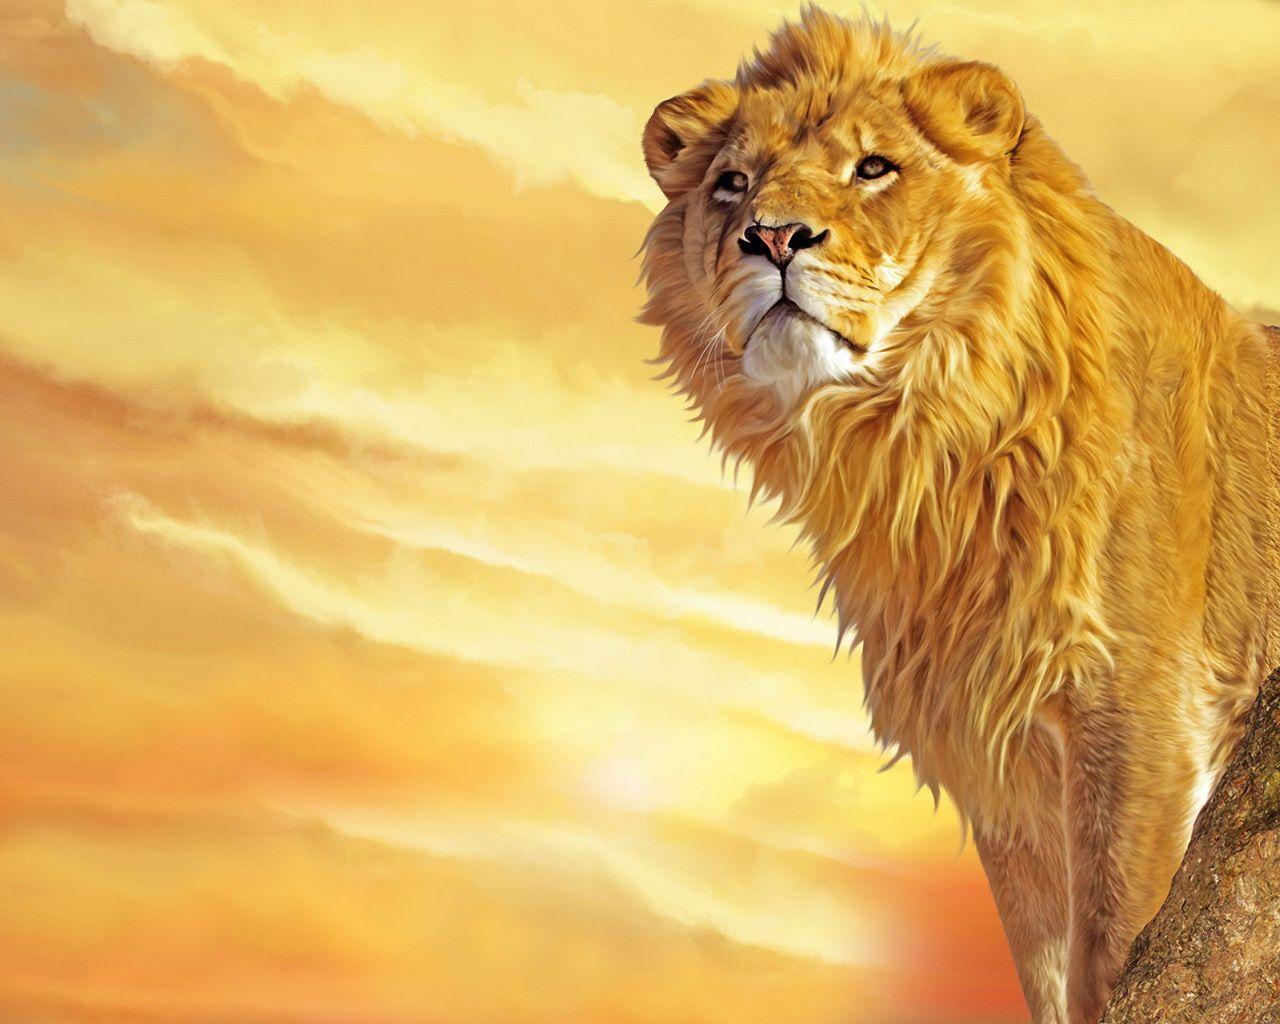 Amazing 3d Lion Wallpaper 1280x1024 Lion Pictures Lion Wallpaper Lion Hd Wallpaper